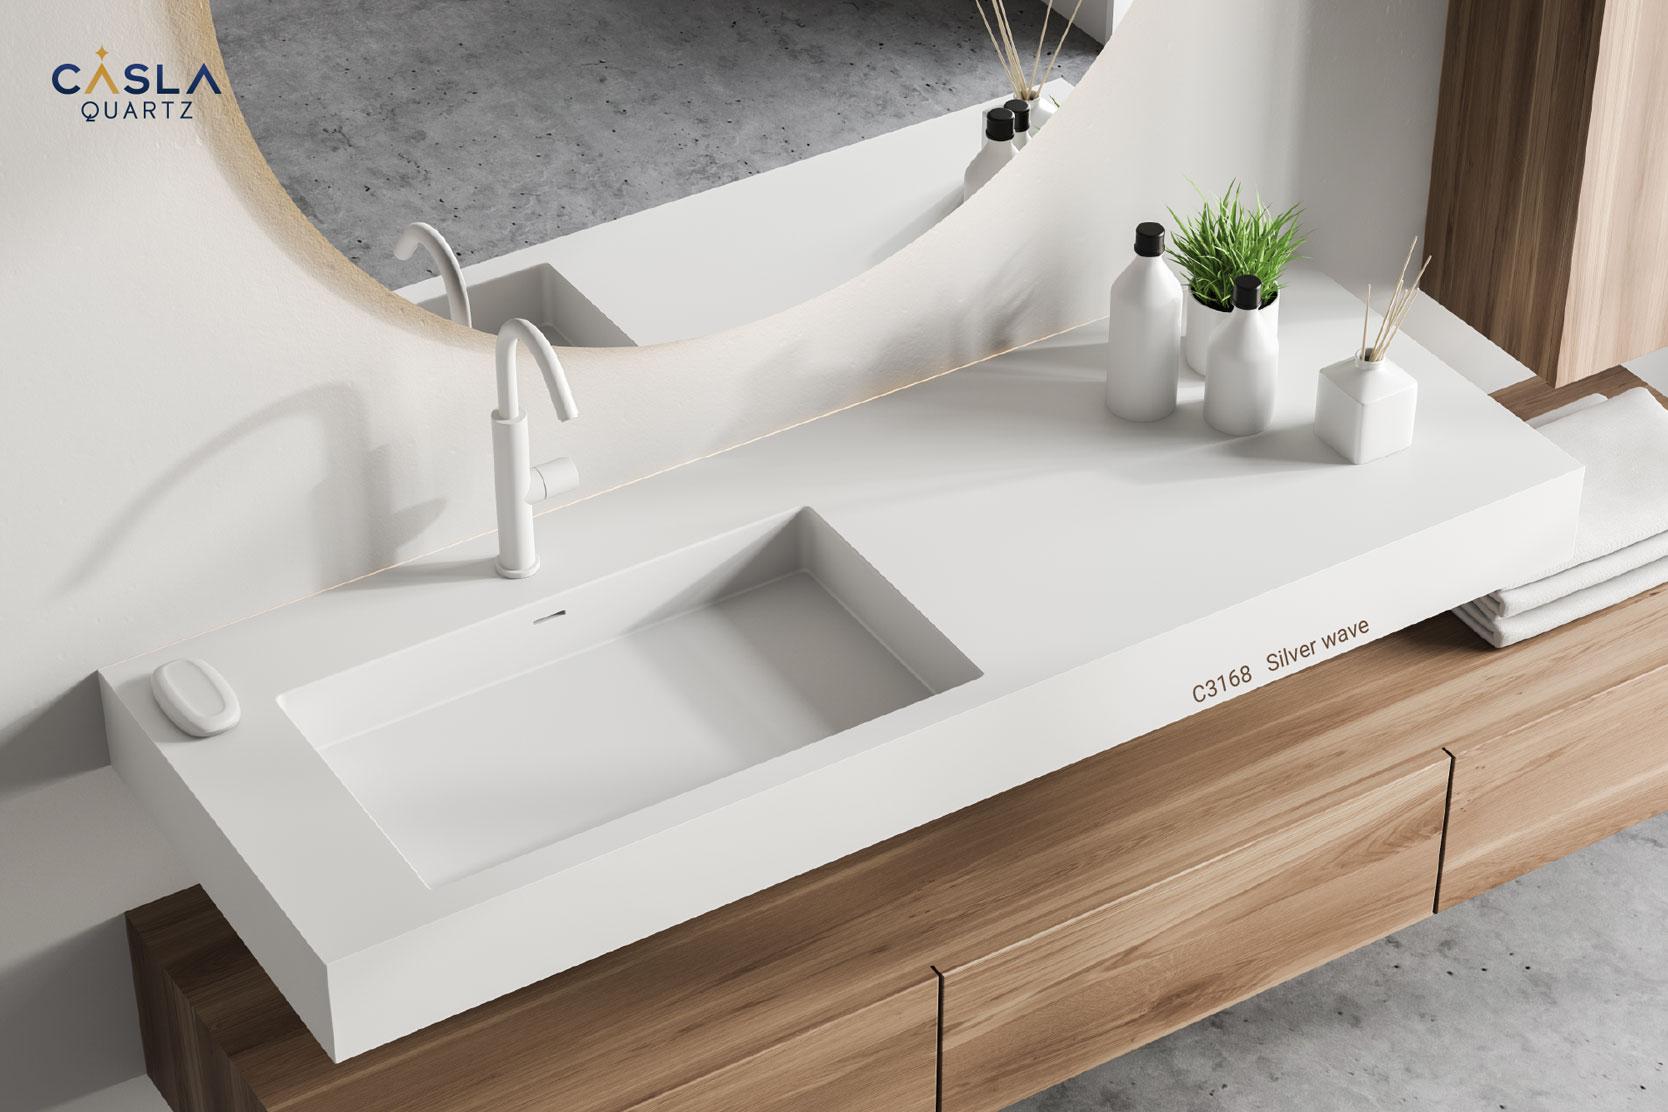 Phòng tắm, nhà vệ sinh cao cấp sử dụng đá Silver Wave